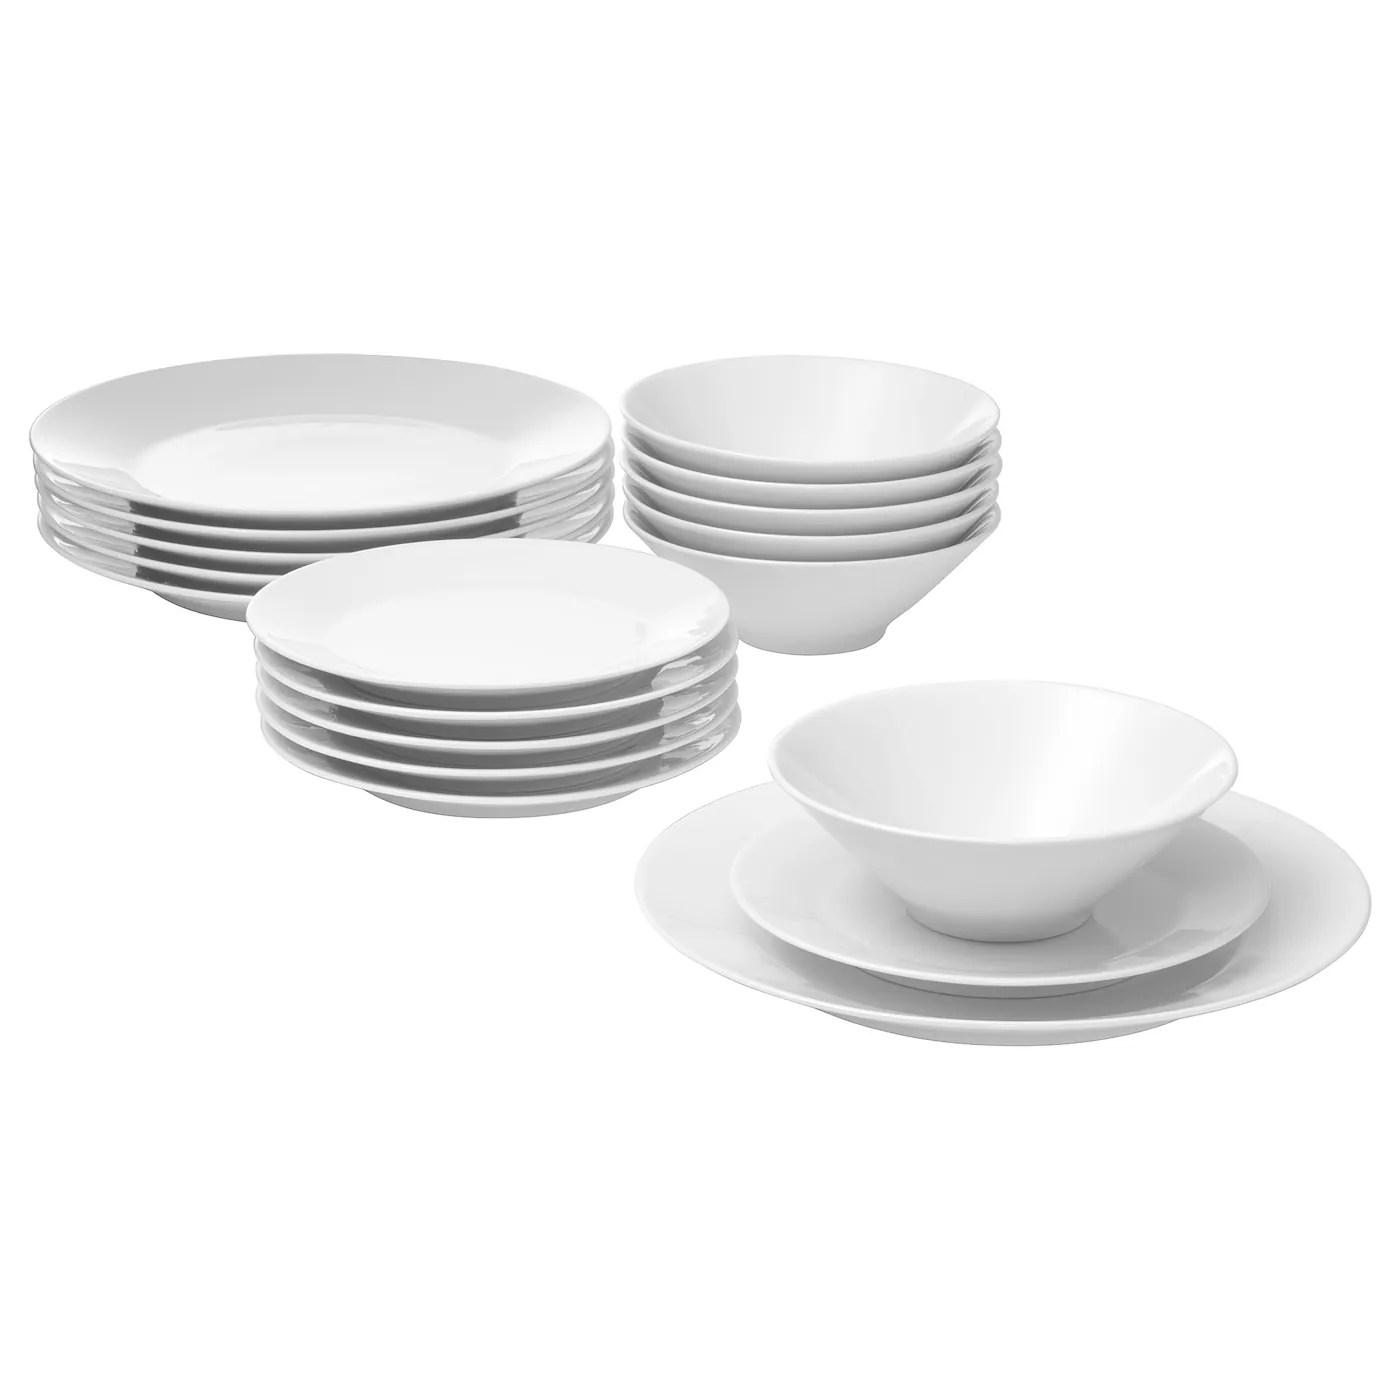 ikea 365 service de vaisselle 18 pieces blanc